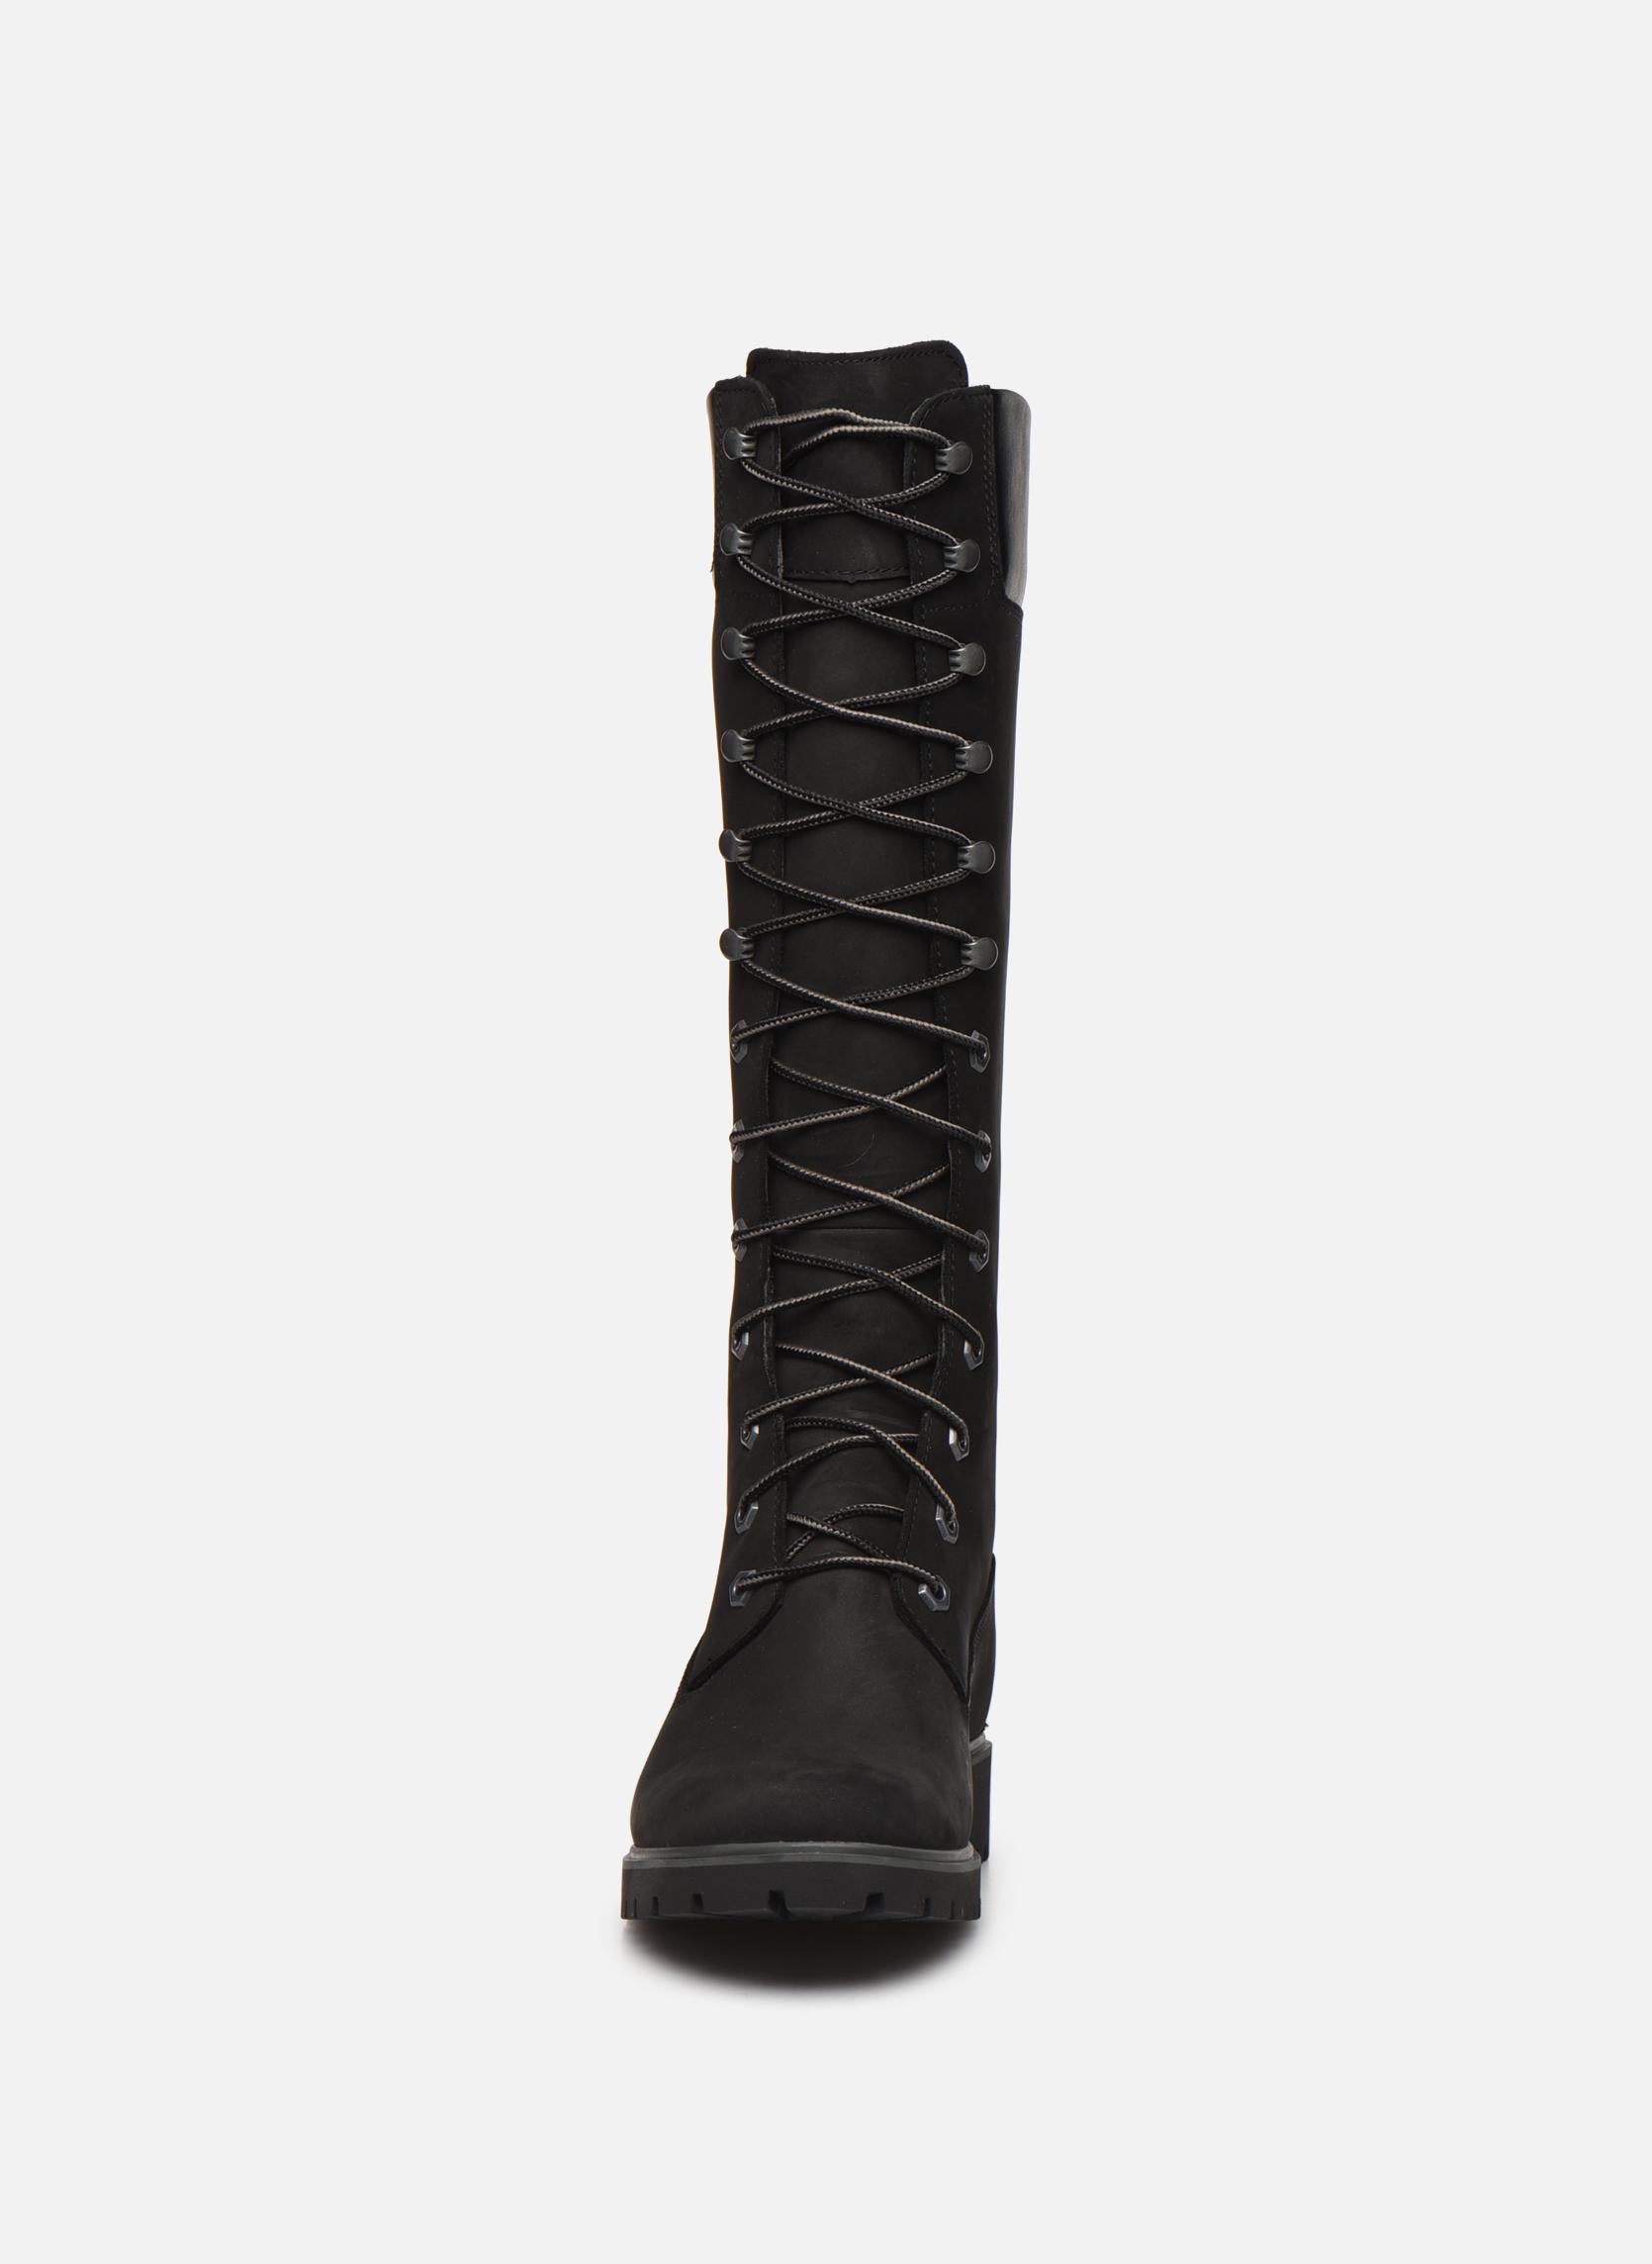 Bottes Timberland Women's Premium 14 inch Noir vue portées chaussures